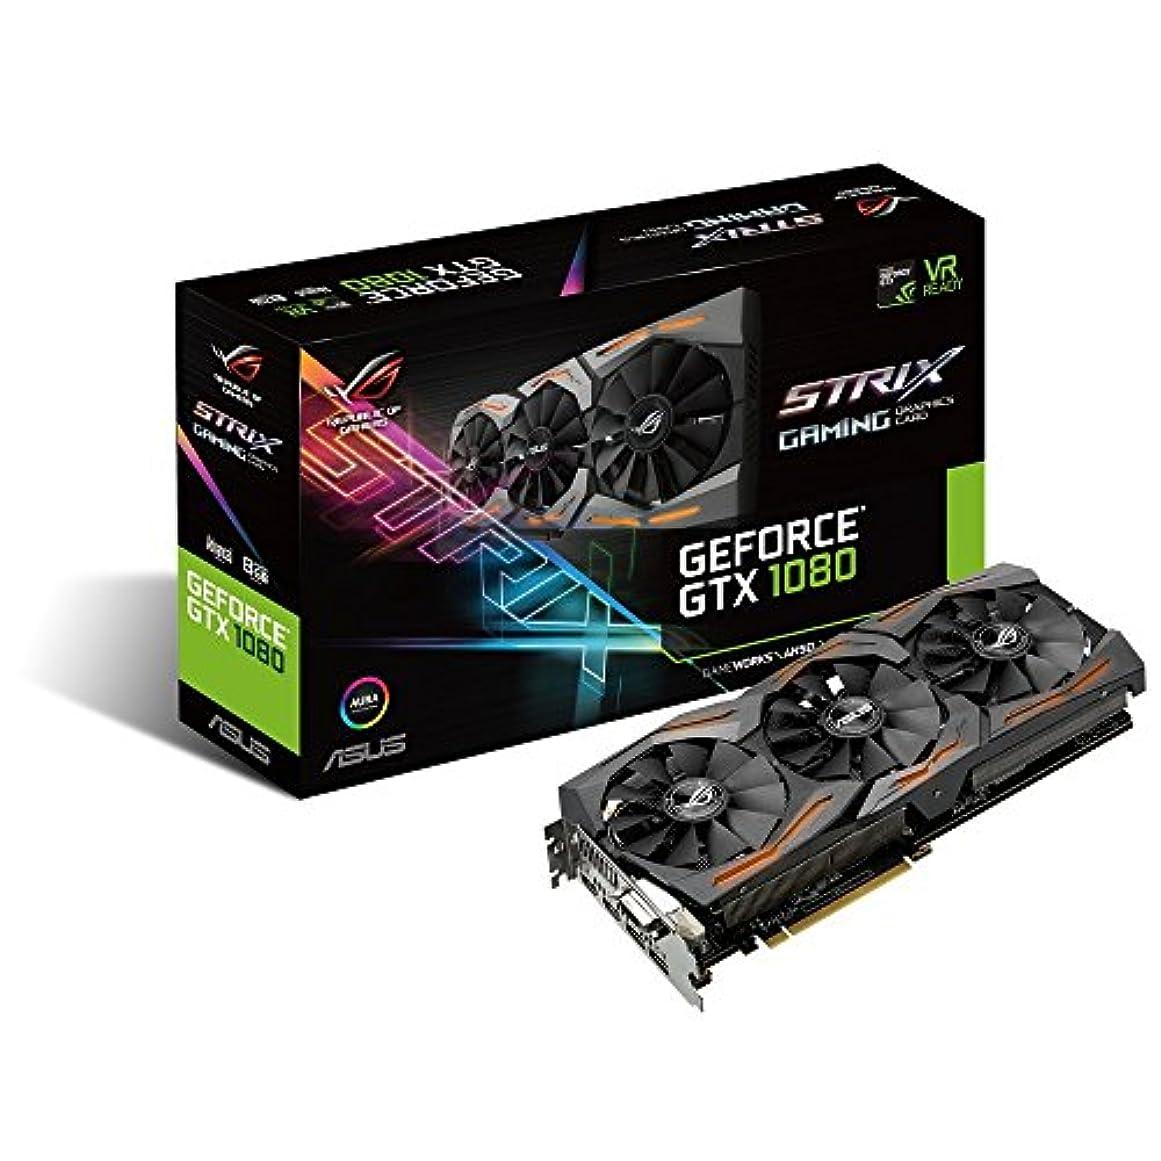 聖人アラビア語ショッピングセンターASUS R.O.G. STRIXシリーズ NVIDIA GeForce GTX1080搭載ビデオカード ベースクロック1670MHz STRIX-GTX1080-A8G-GAMING